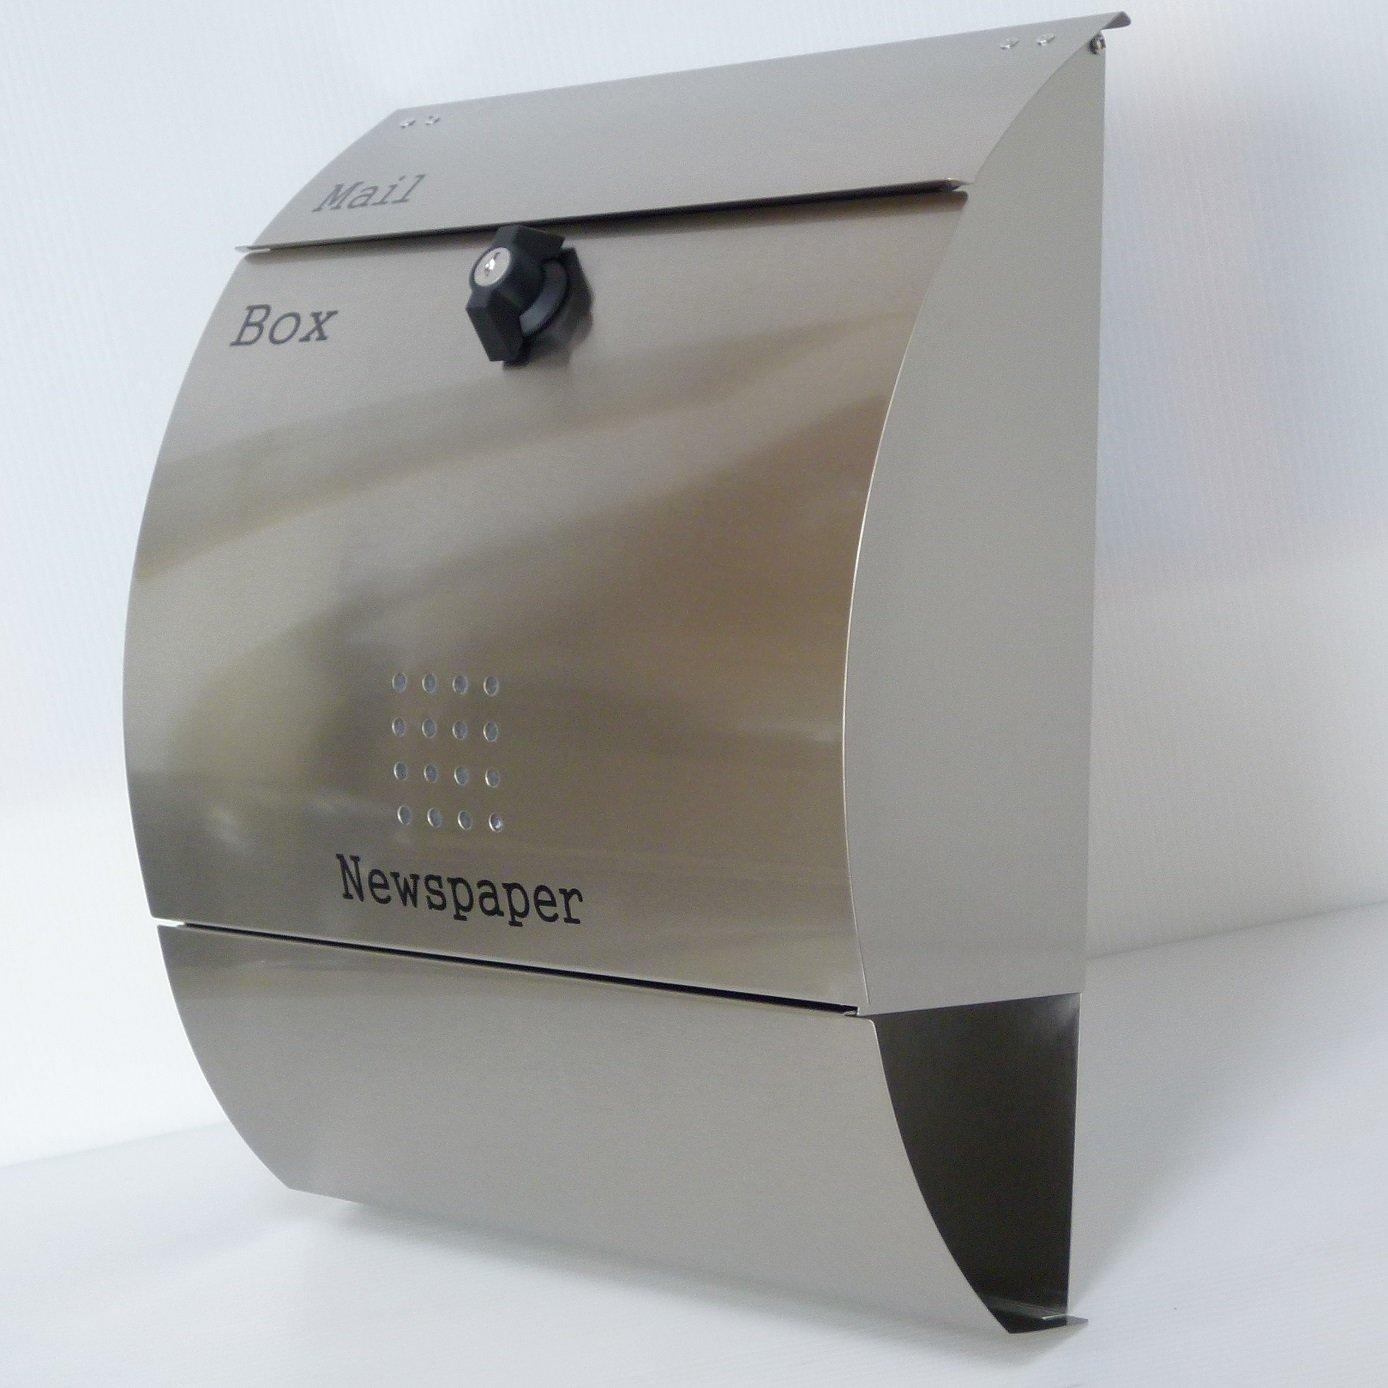 郵便ポスト郵便受け北欧風大型メールボックス 壁掛けプレミアムステンレスシルバーステンレス色ポストpm036 B018NNWPXA 12880